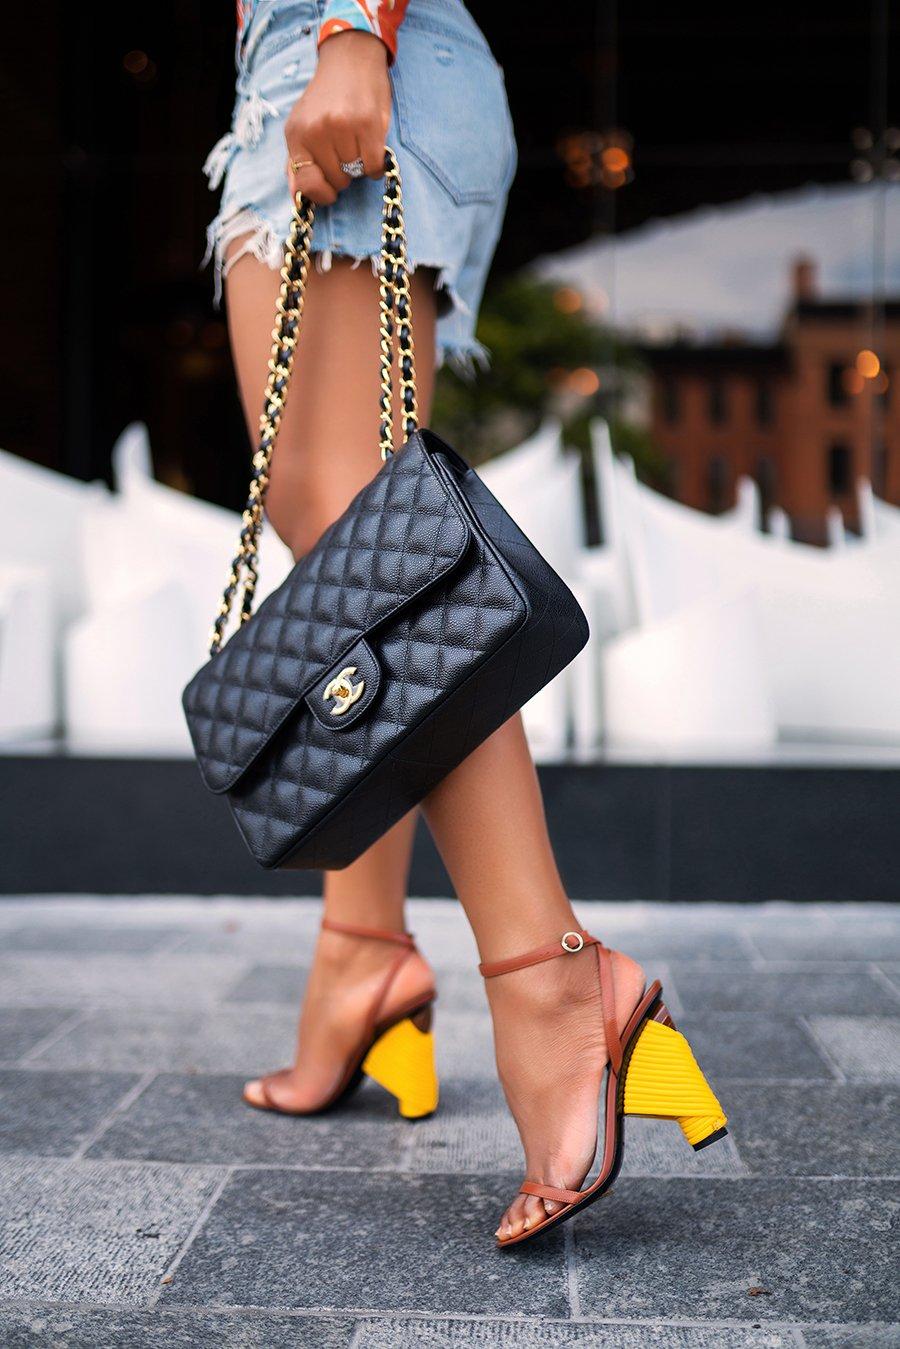 Balenciaga-sandals-chanel-bag